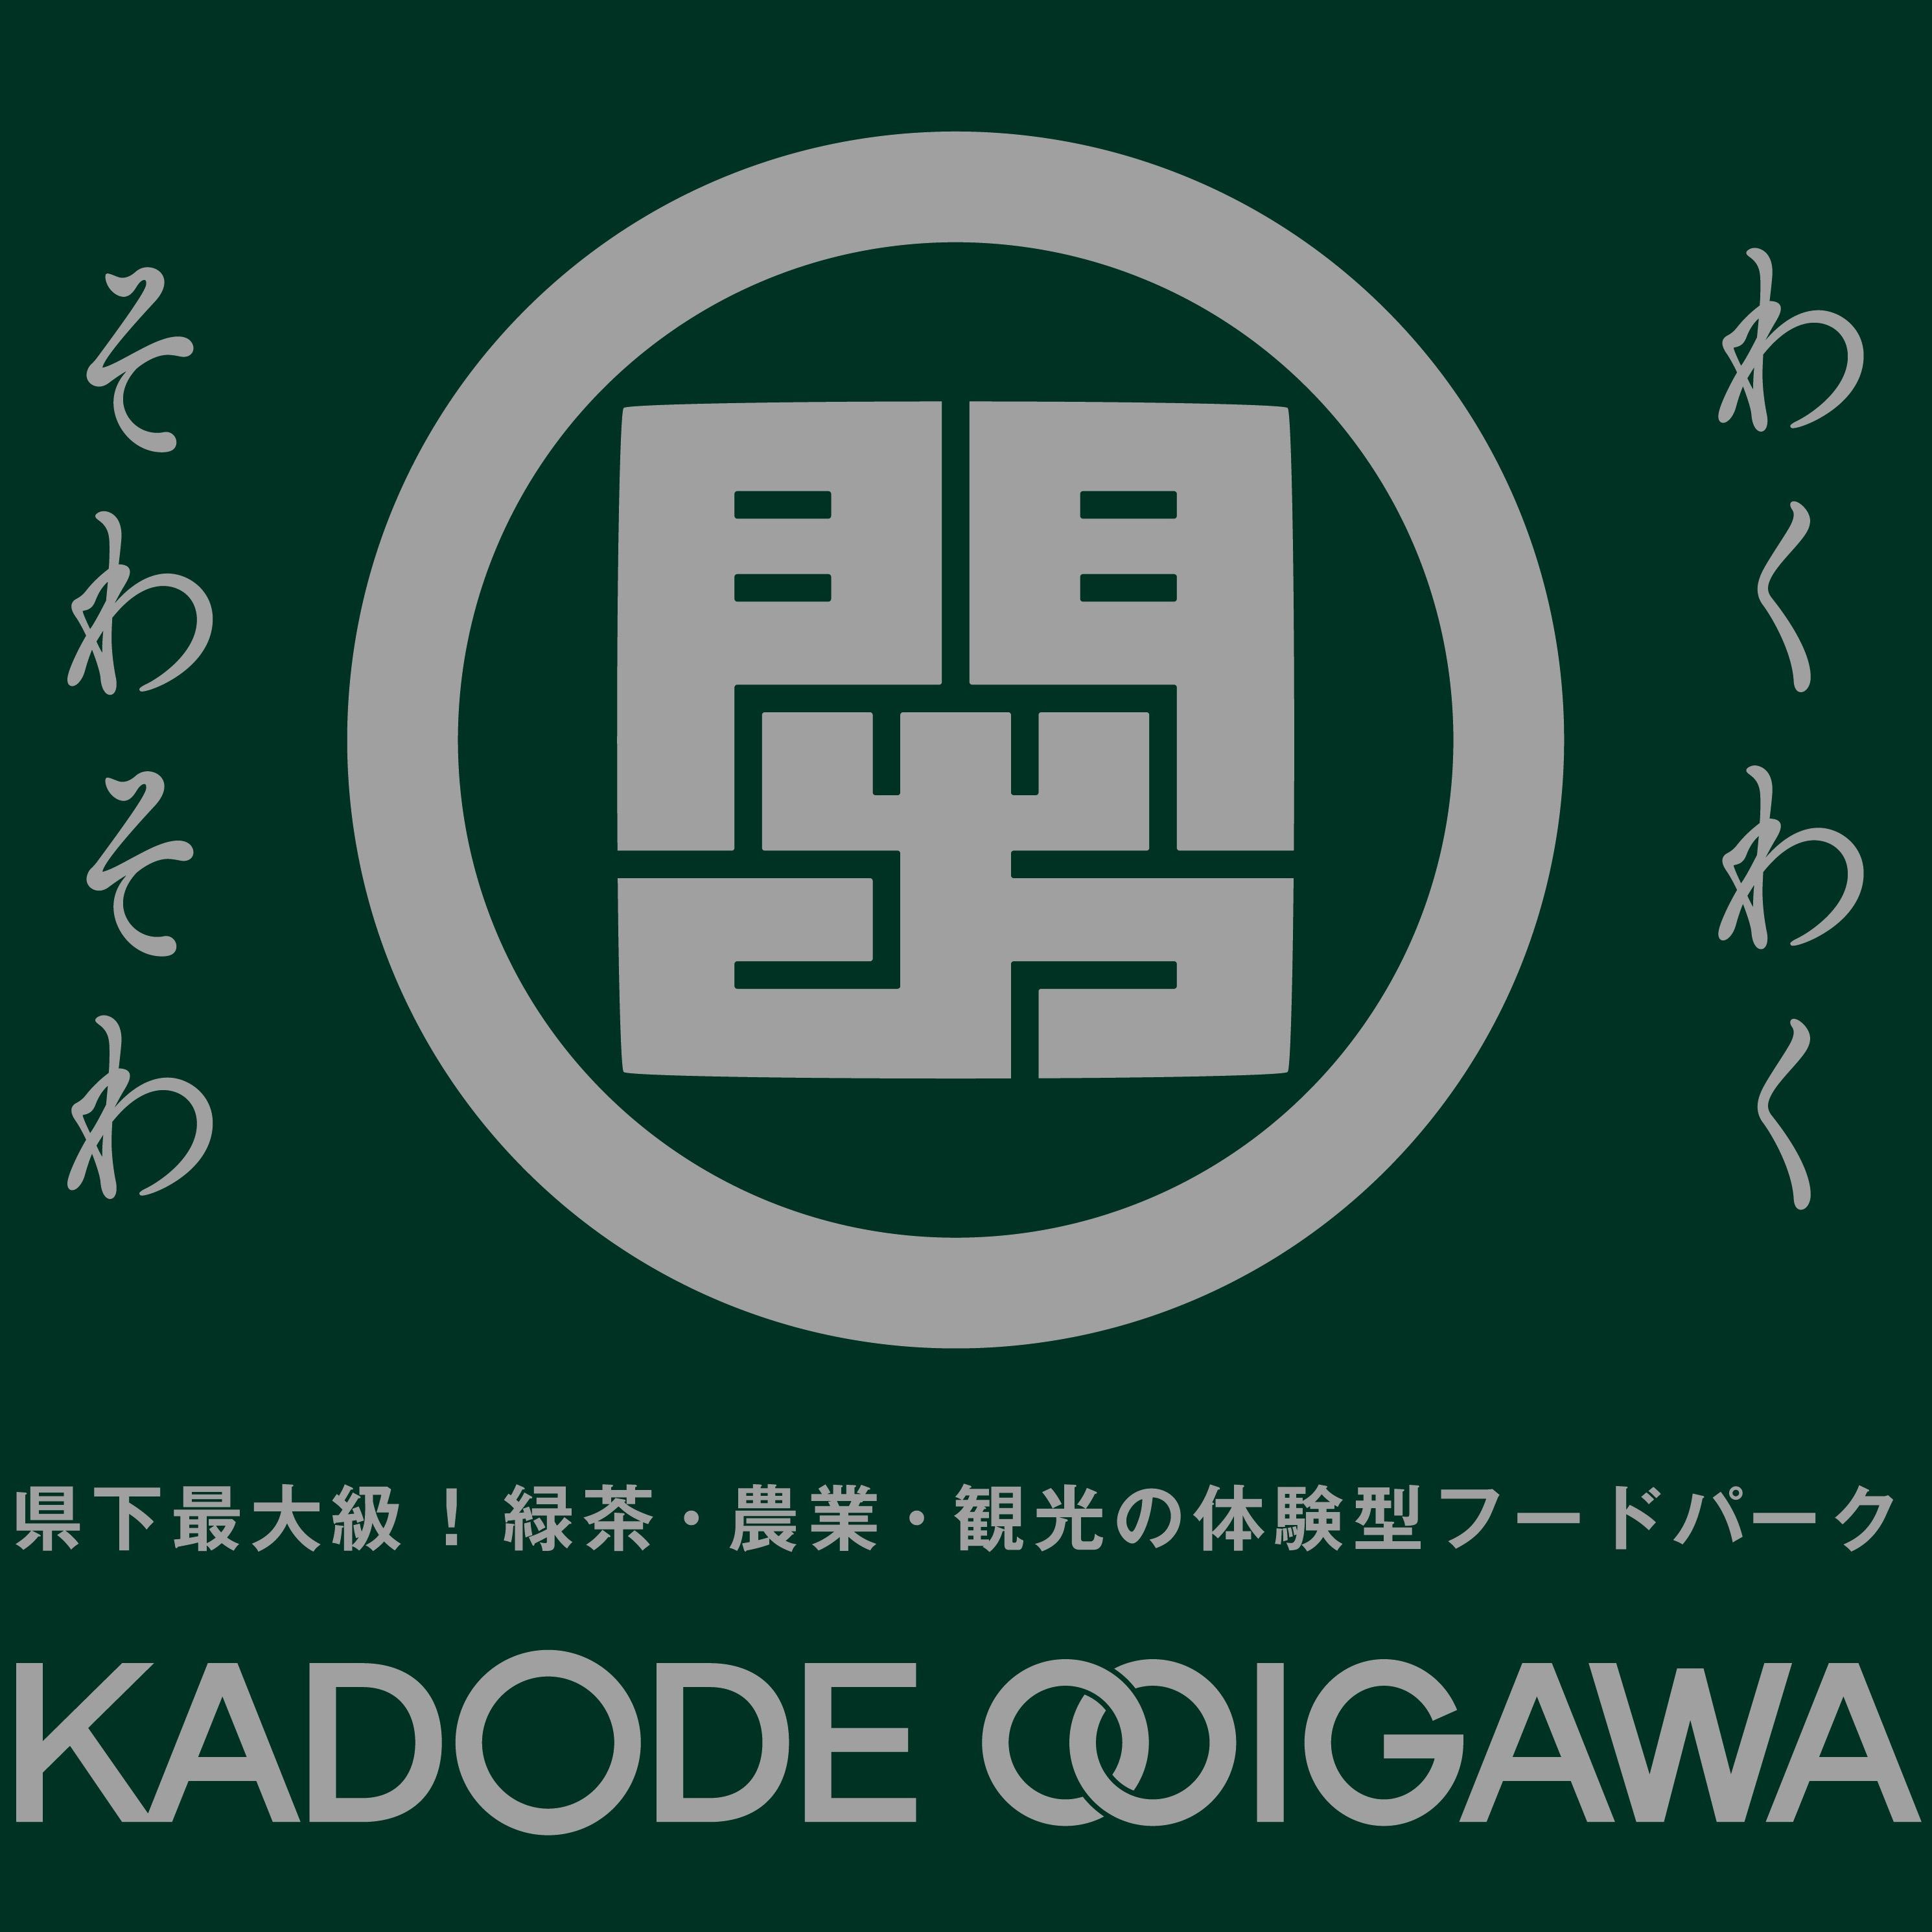 ©︎KADODE OOIGAWA・トコナツ歩兵団2020